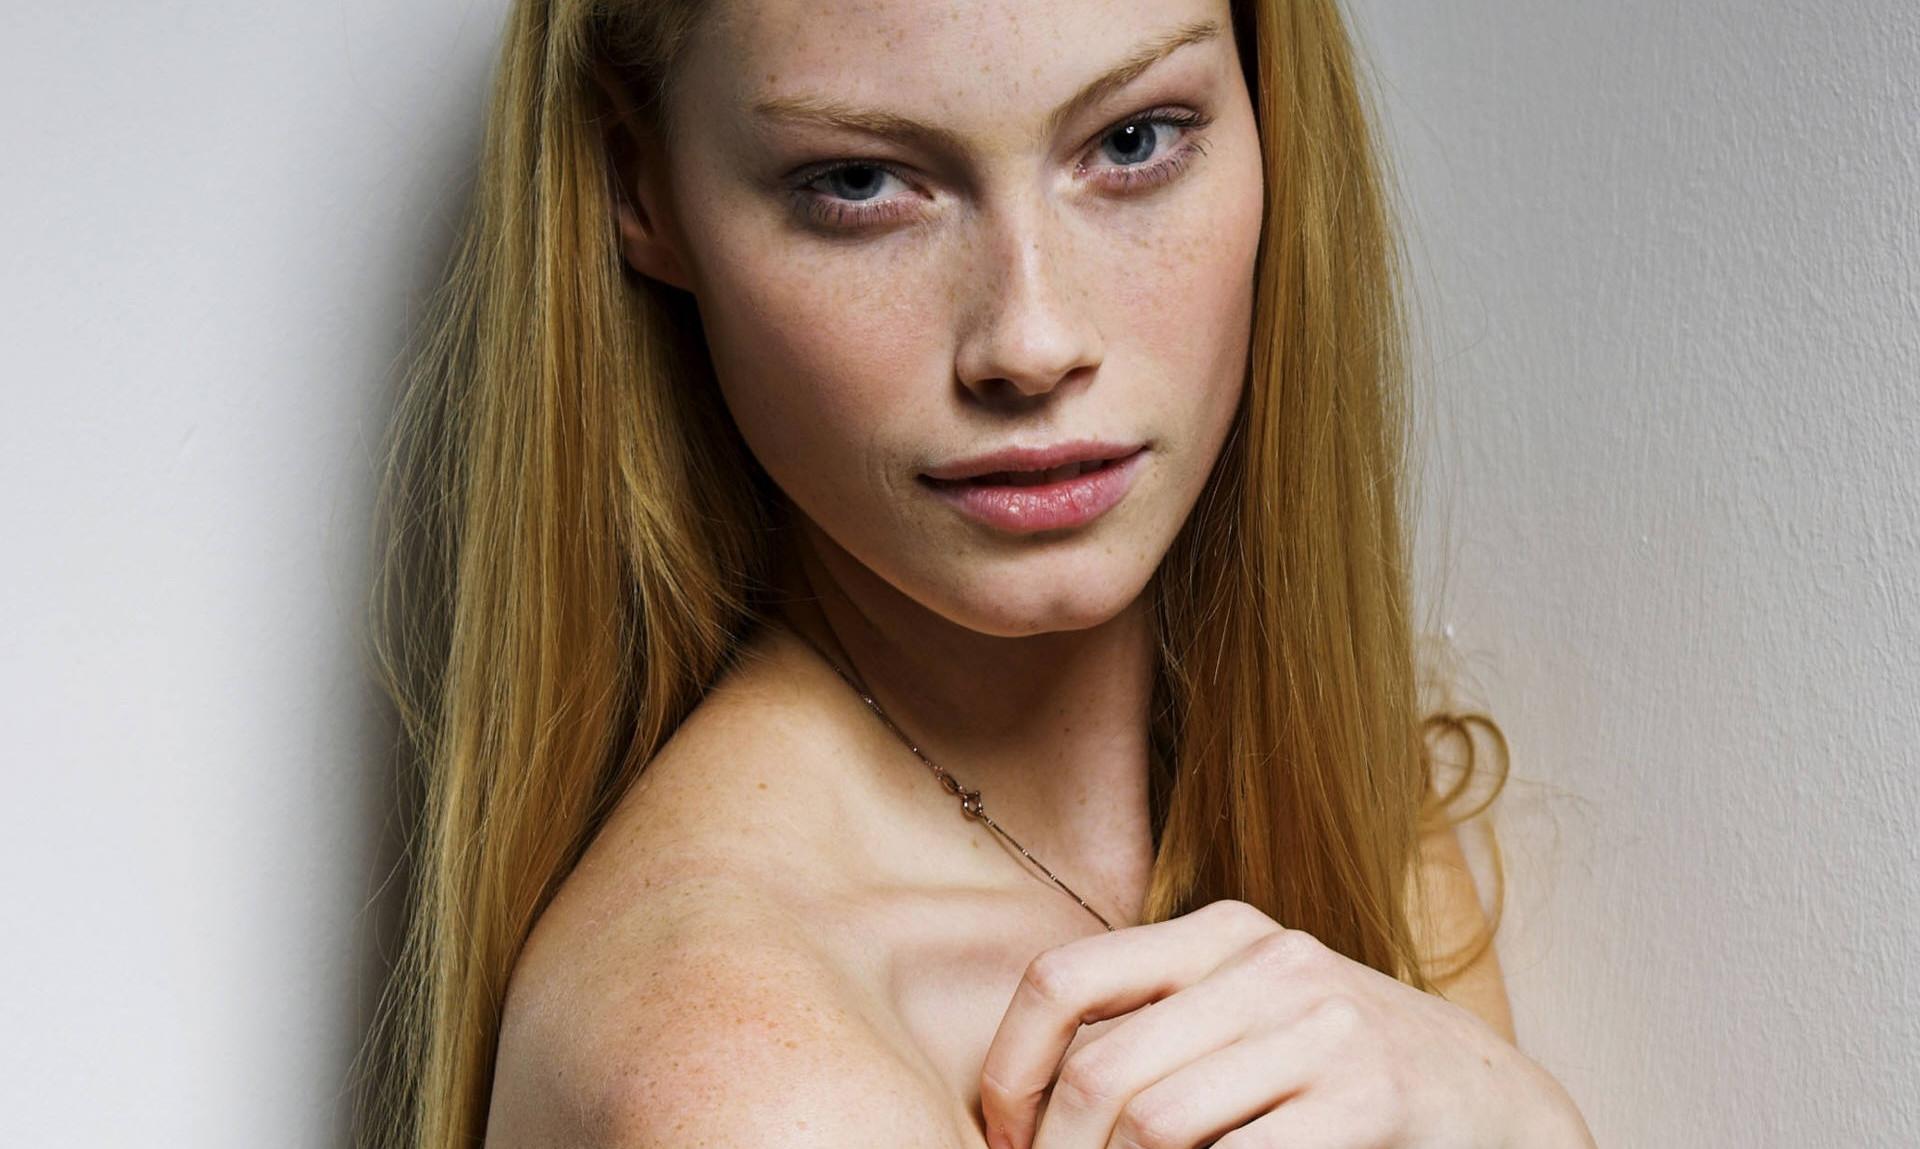 Alyssa Sutherland Desnuda La Aslaug De Vikingos Y Su Cuerpo